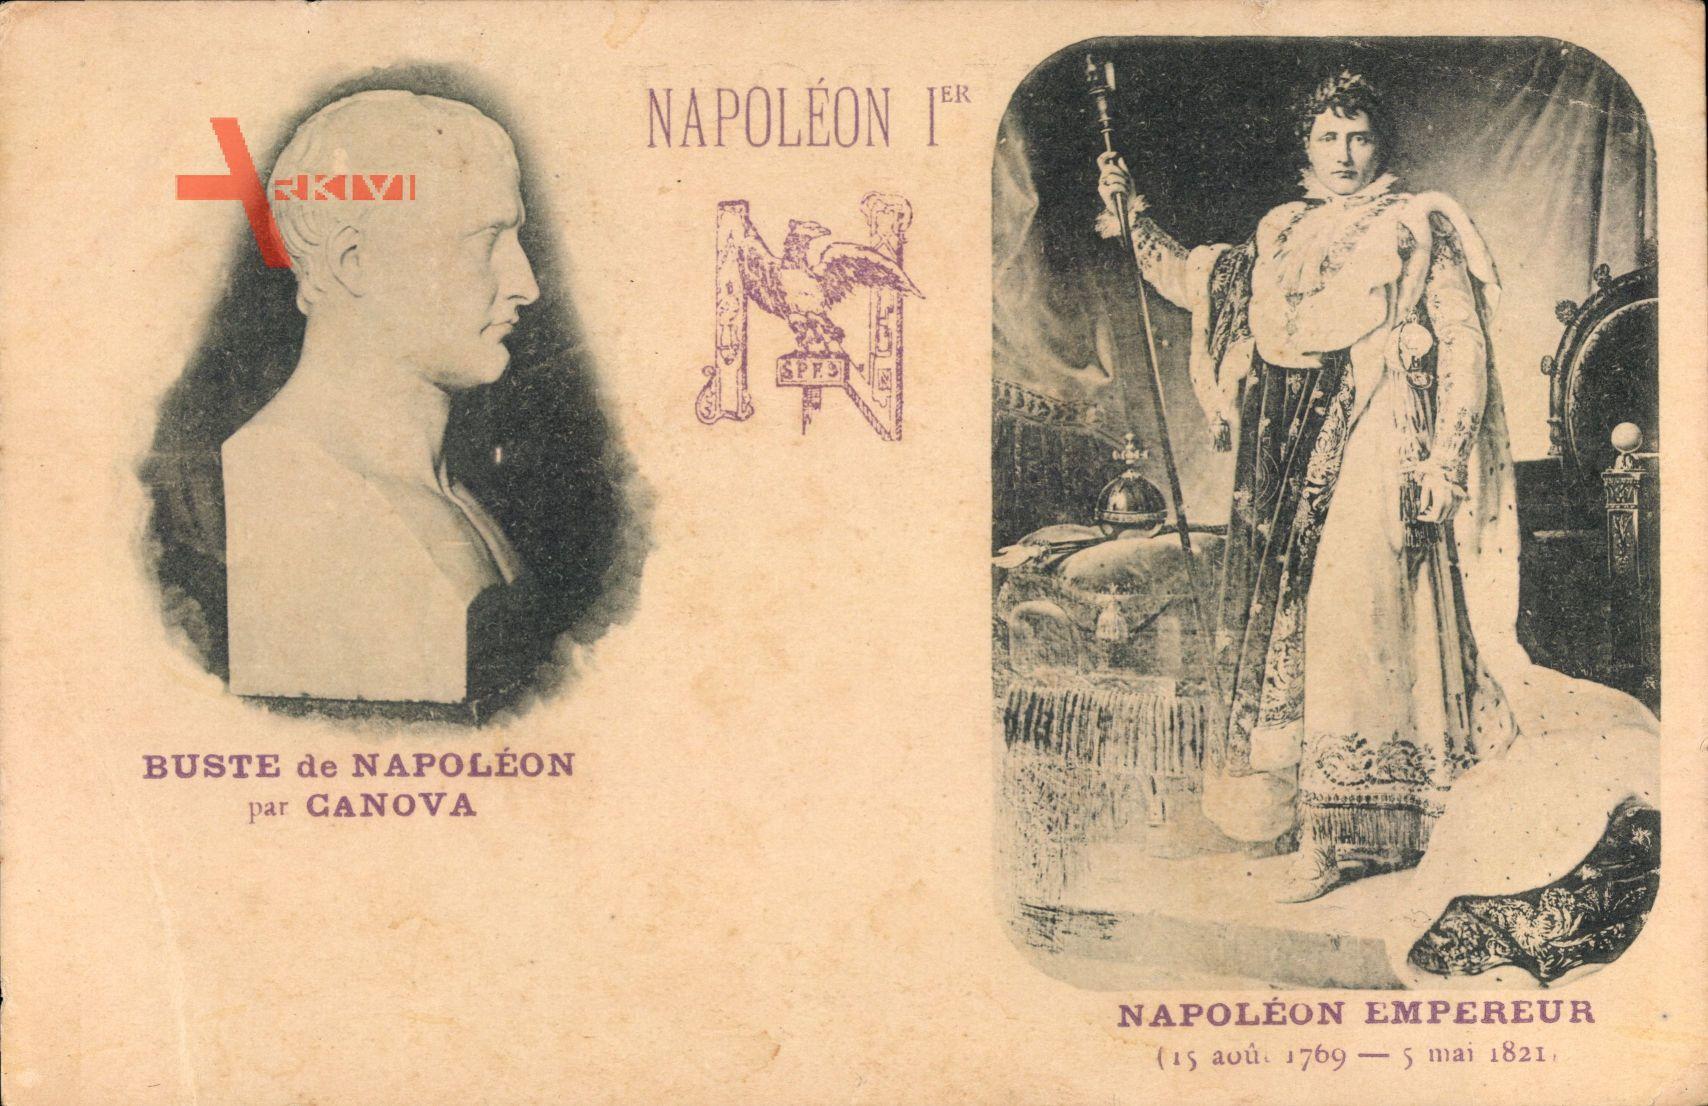 Napoleon Ier, Buste par Canova, Empereur, 1769 à 1821